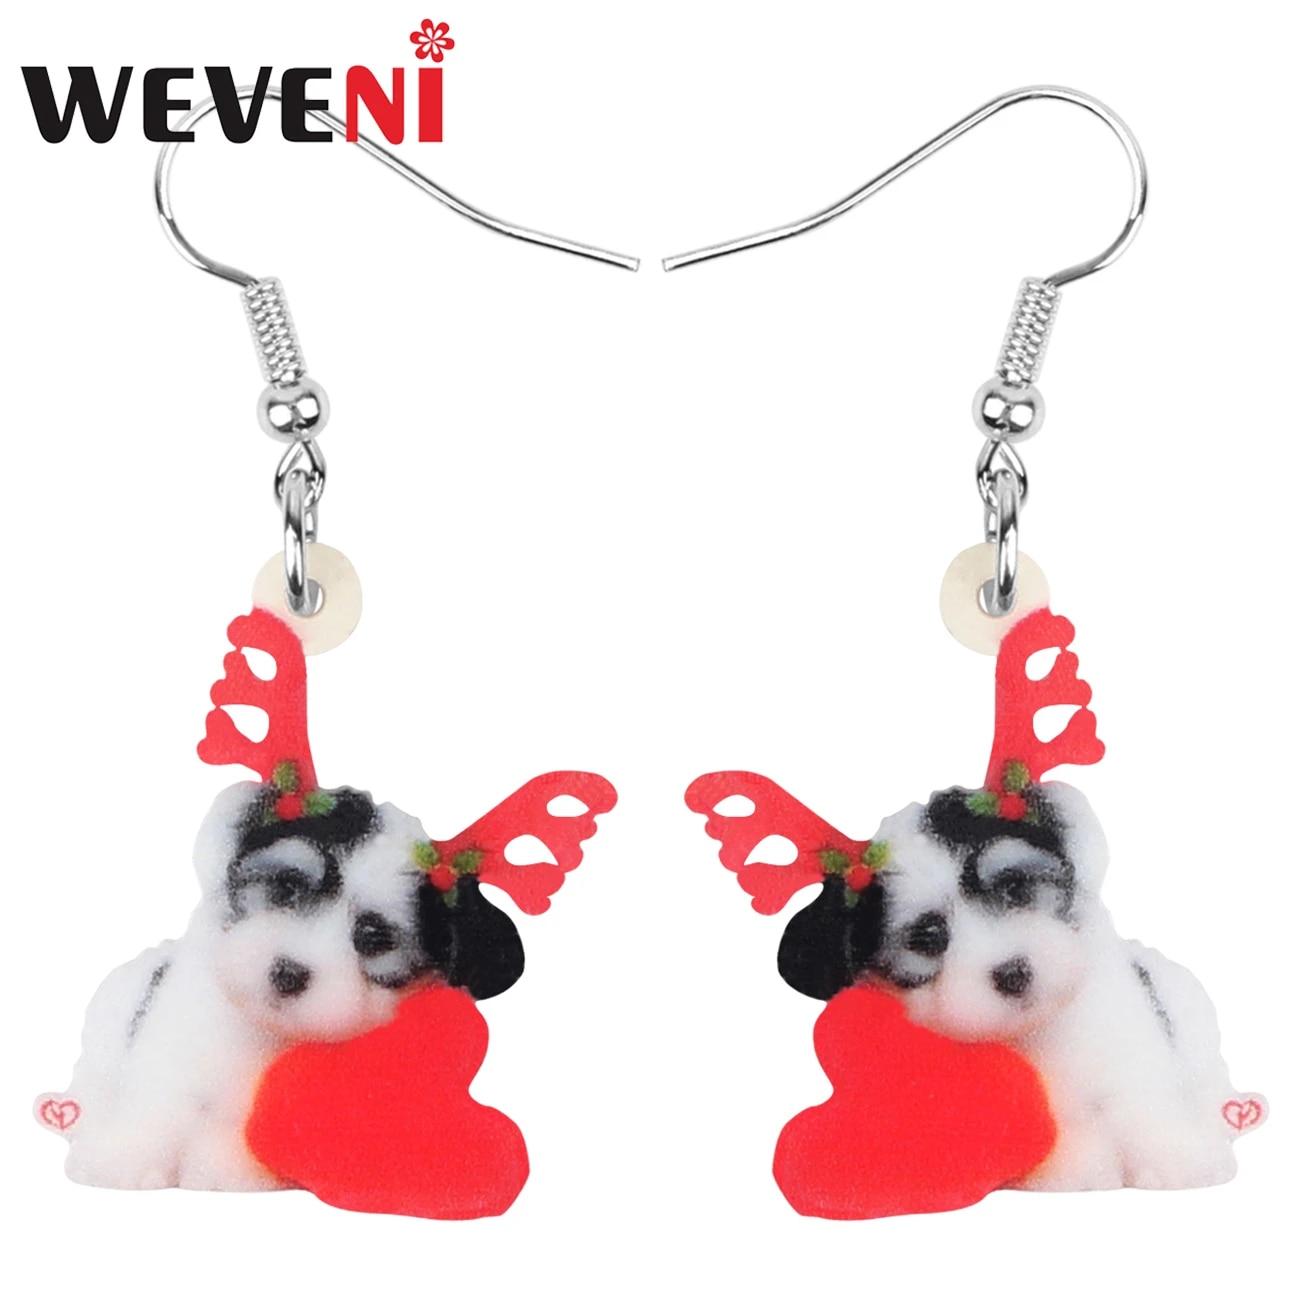 Border Collie Dog Earrings Border Collie Earrings Border Collie Gift Collie Earrings Border Collie Charm Earrings Border Collie Jewelry